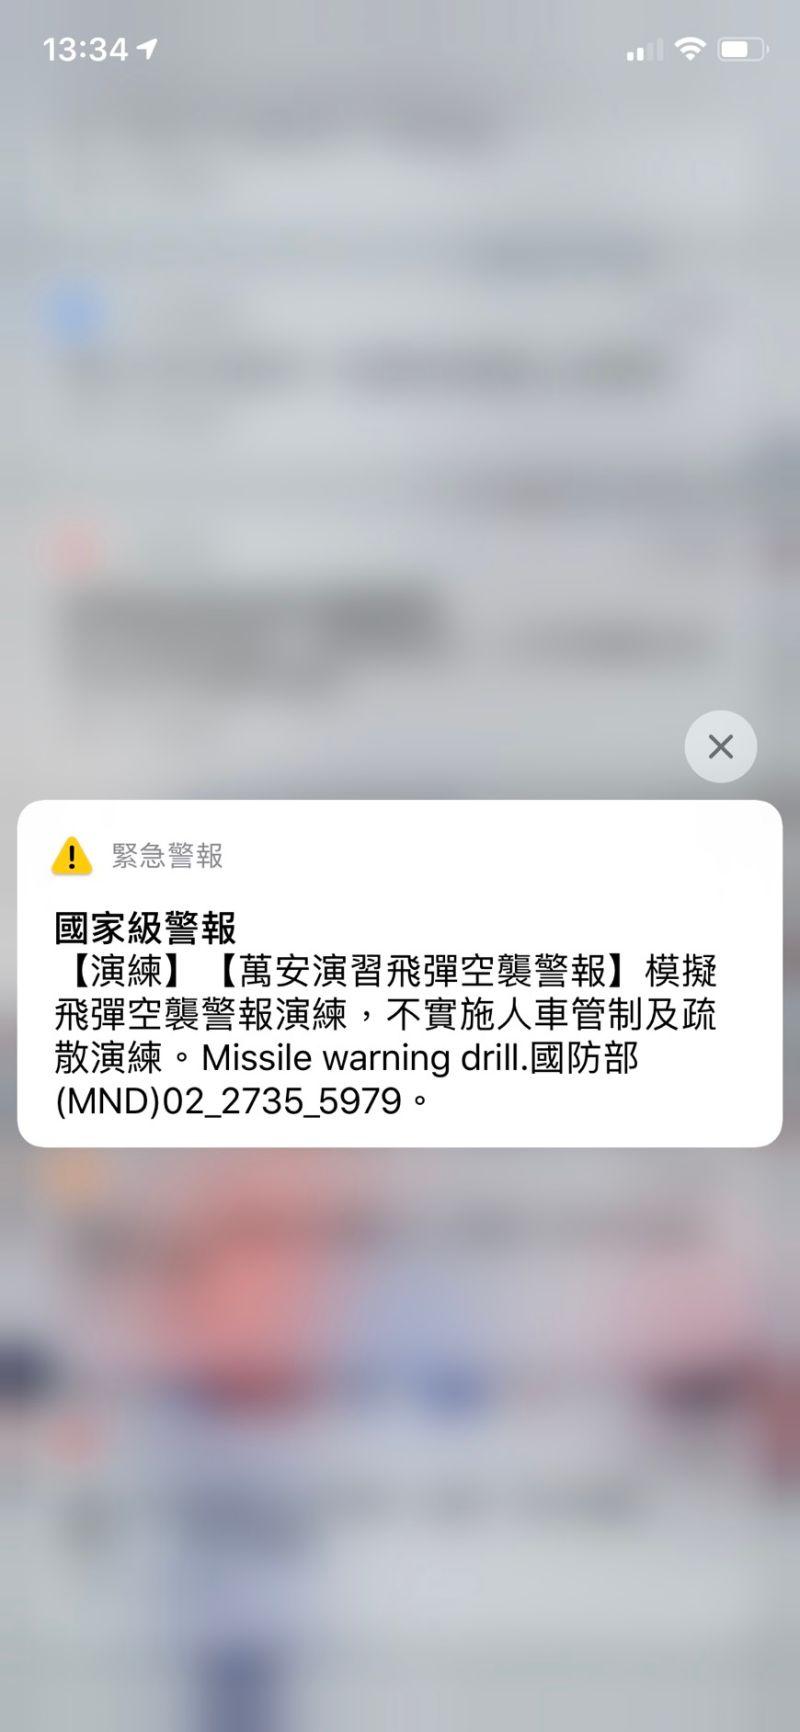 ▲萬安43號演習發送「國家級警報」手機簡訊示警。(圖/NOWnews)